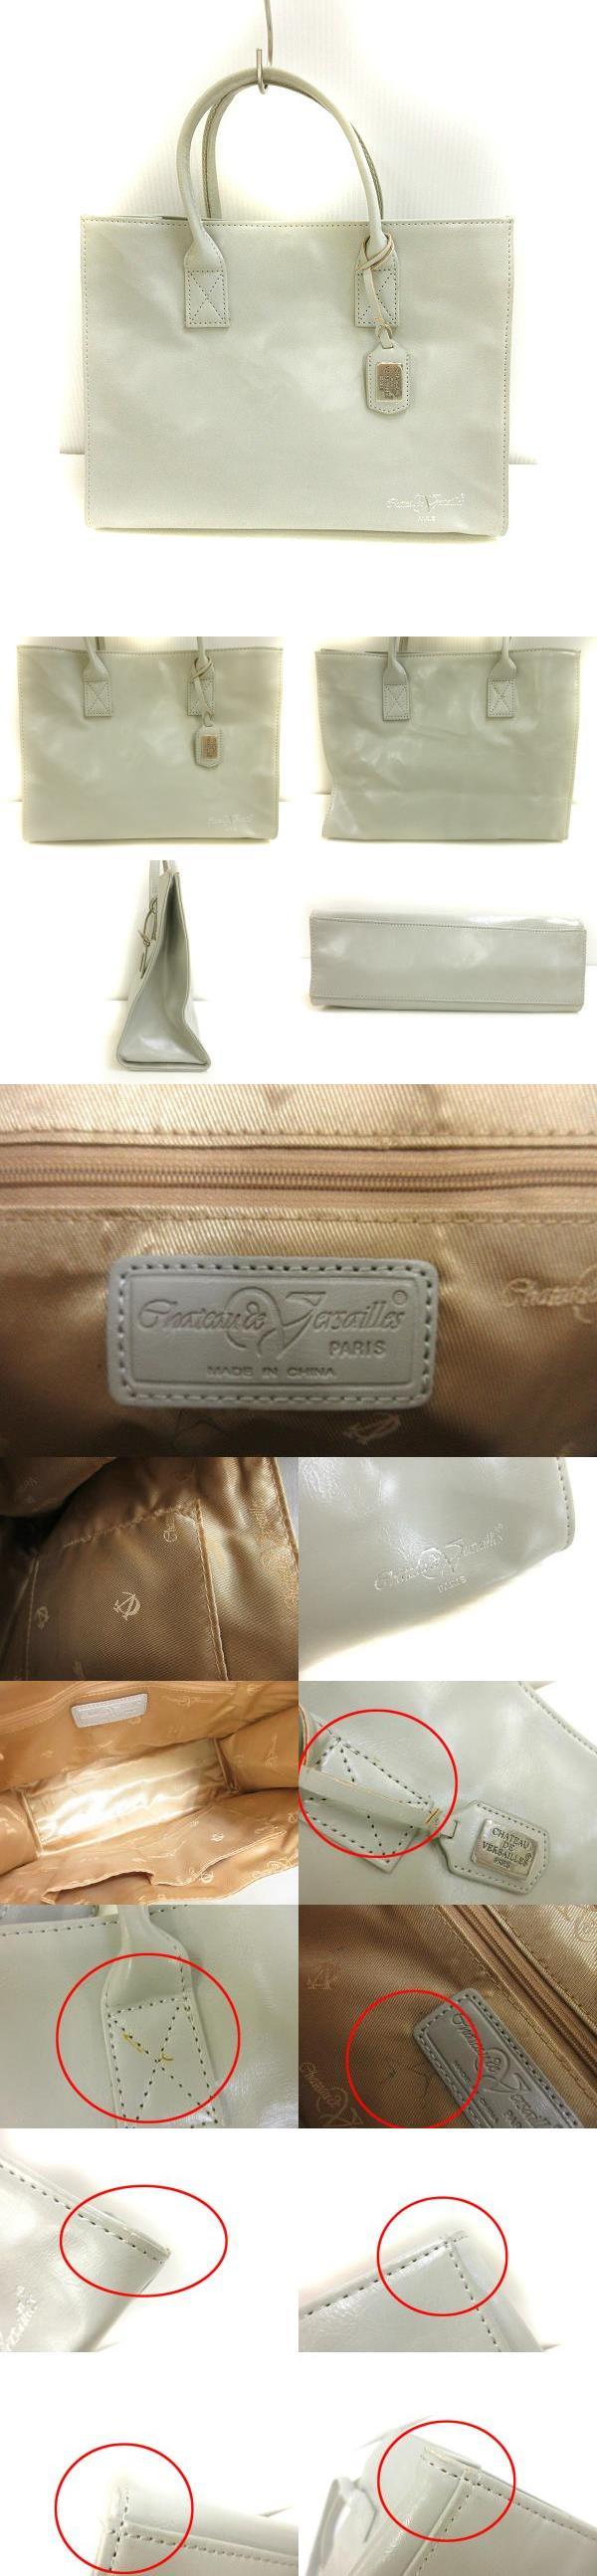 シャトーベルサイユ CHATEAU DE VERSAILES トート バッグ ハンド 手提げ エコレザー ライトグレー系 かばん 鞄